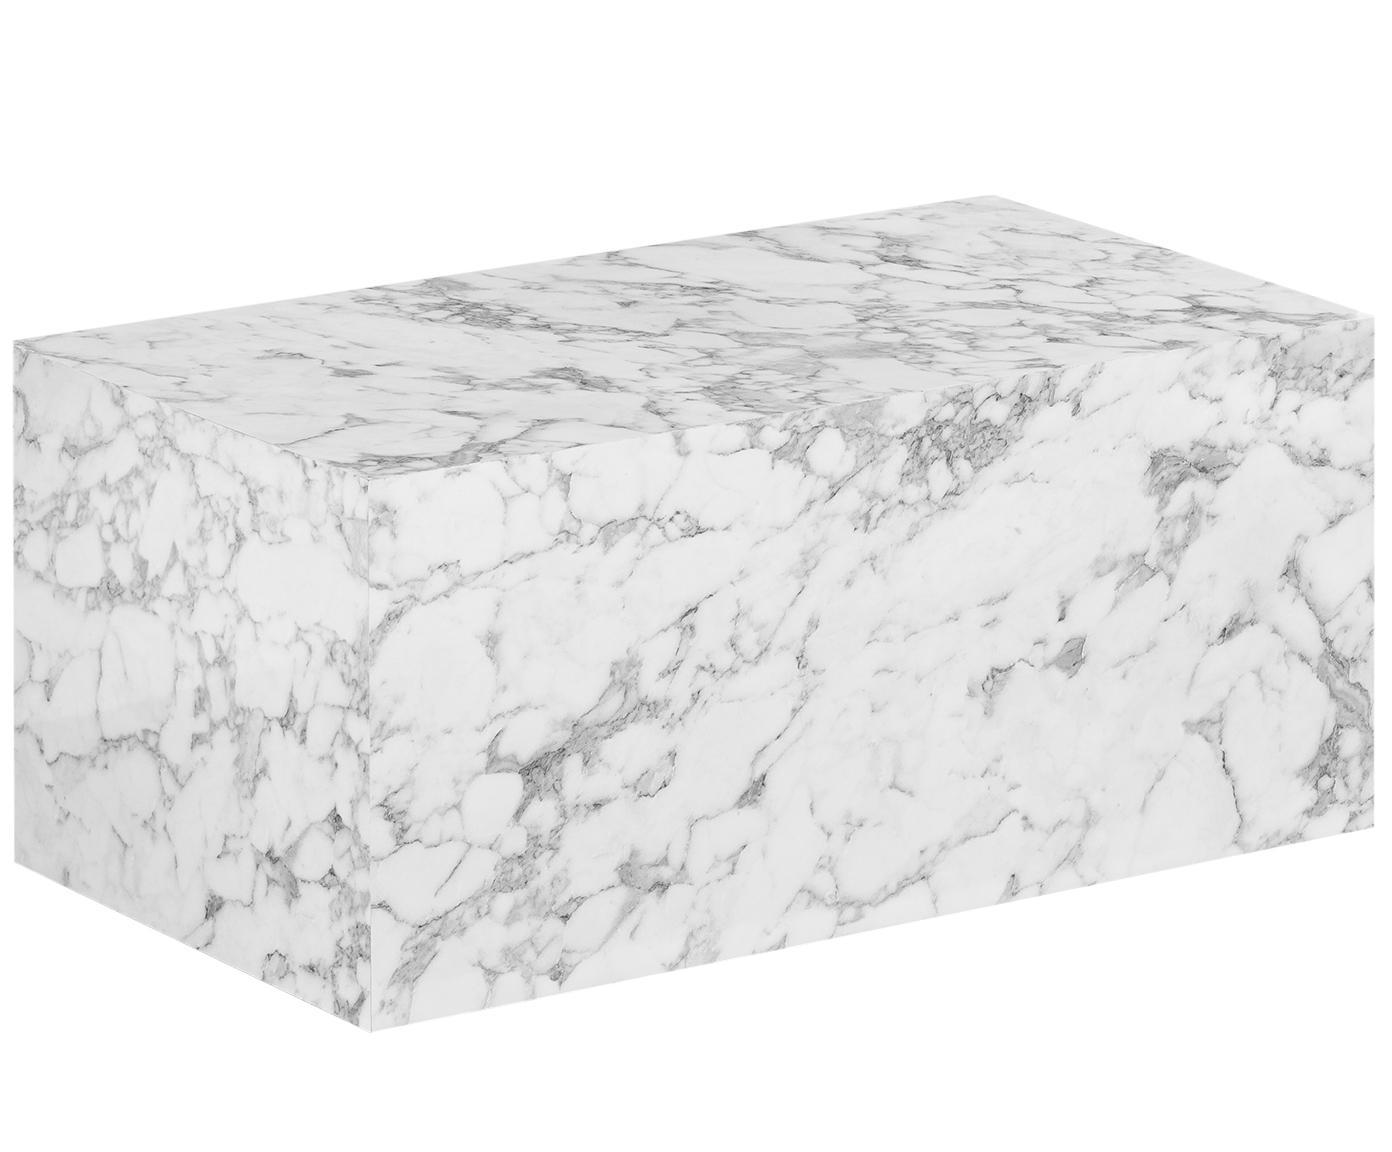 Tavolino da salotto effetto marmo Lesley, Pannello di fibra a media densità (MDF) rivestito con foglio di melamina, Bianco marmorizzato, Larg. 90 x Prof. 50 cm